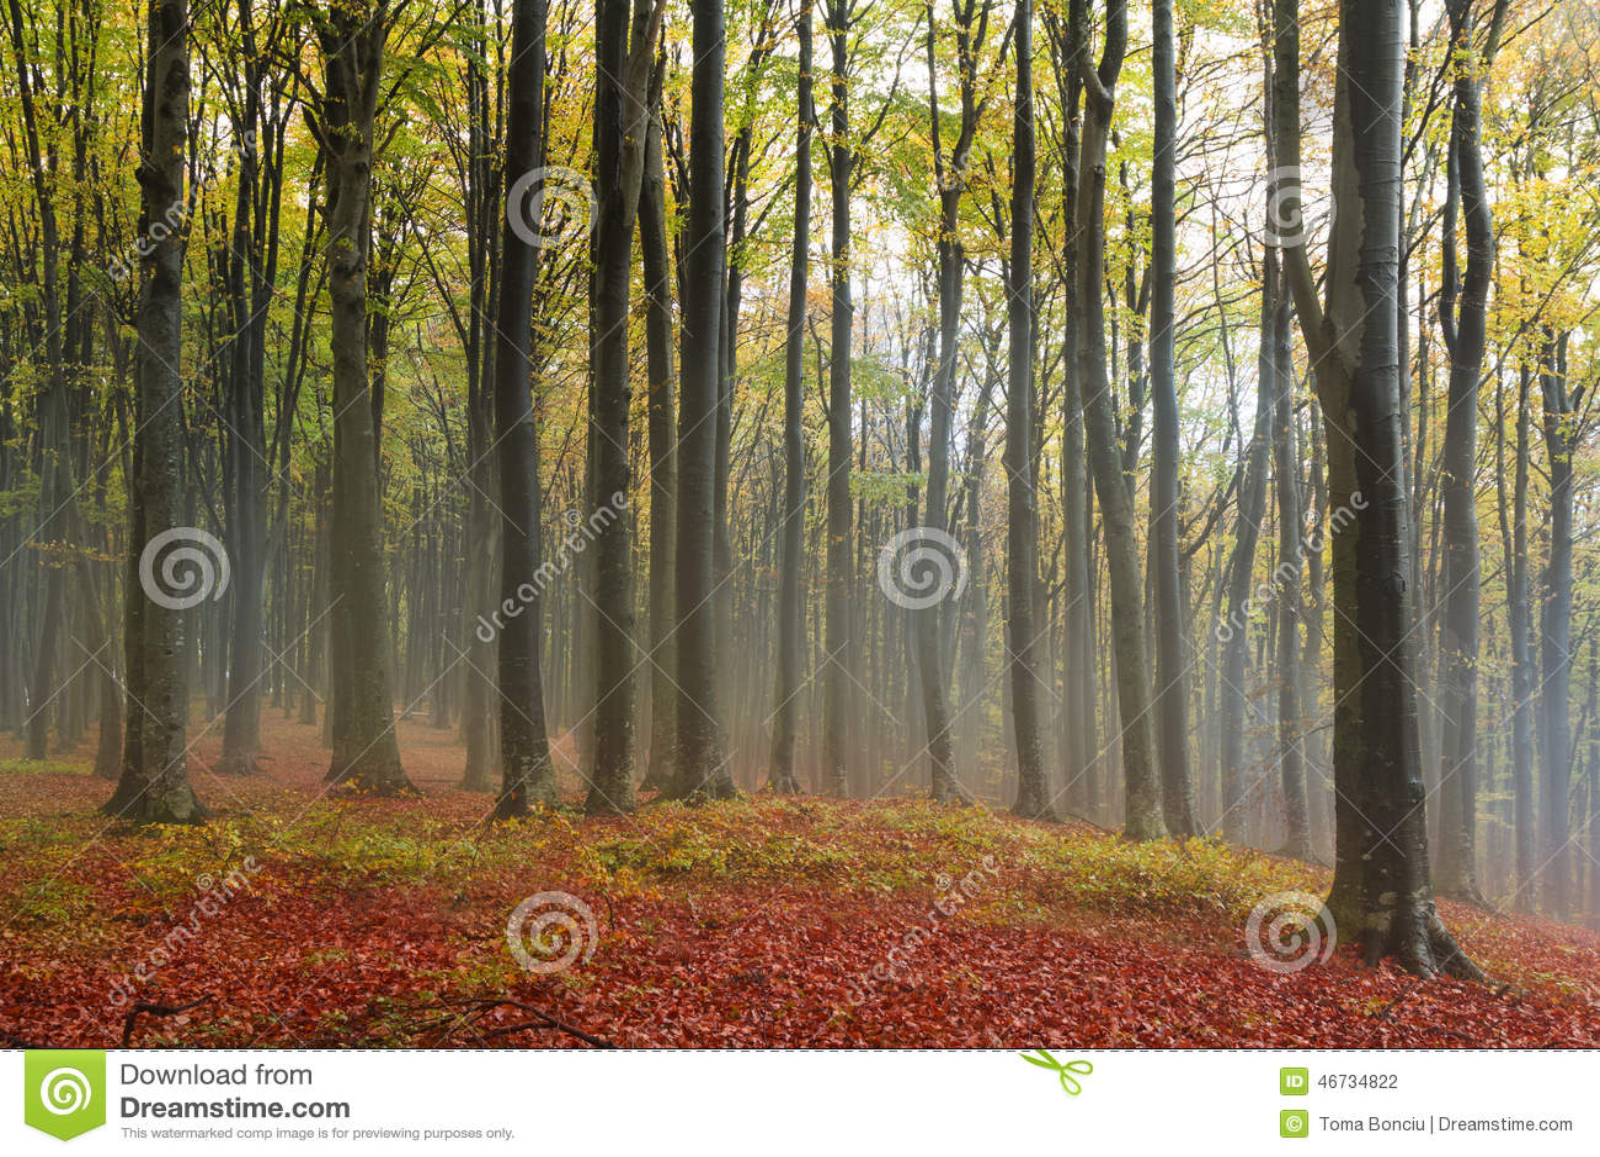 Romantische atmosfeer tijdens mist int hij bos in daling stock foto afbeelding 46734822 - Romantische kameratmosfeer ...